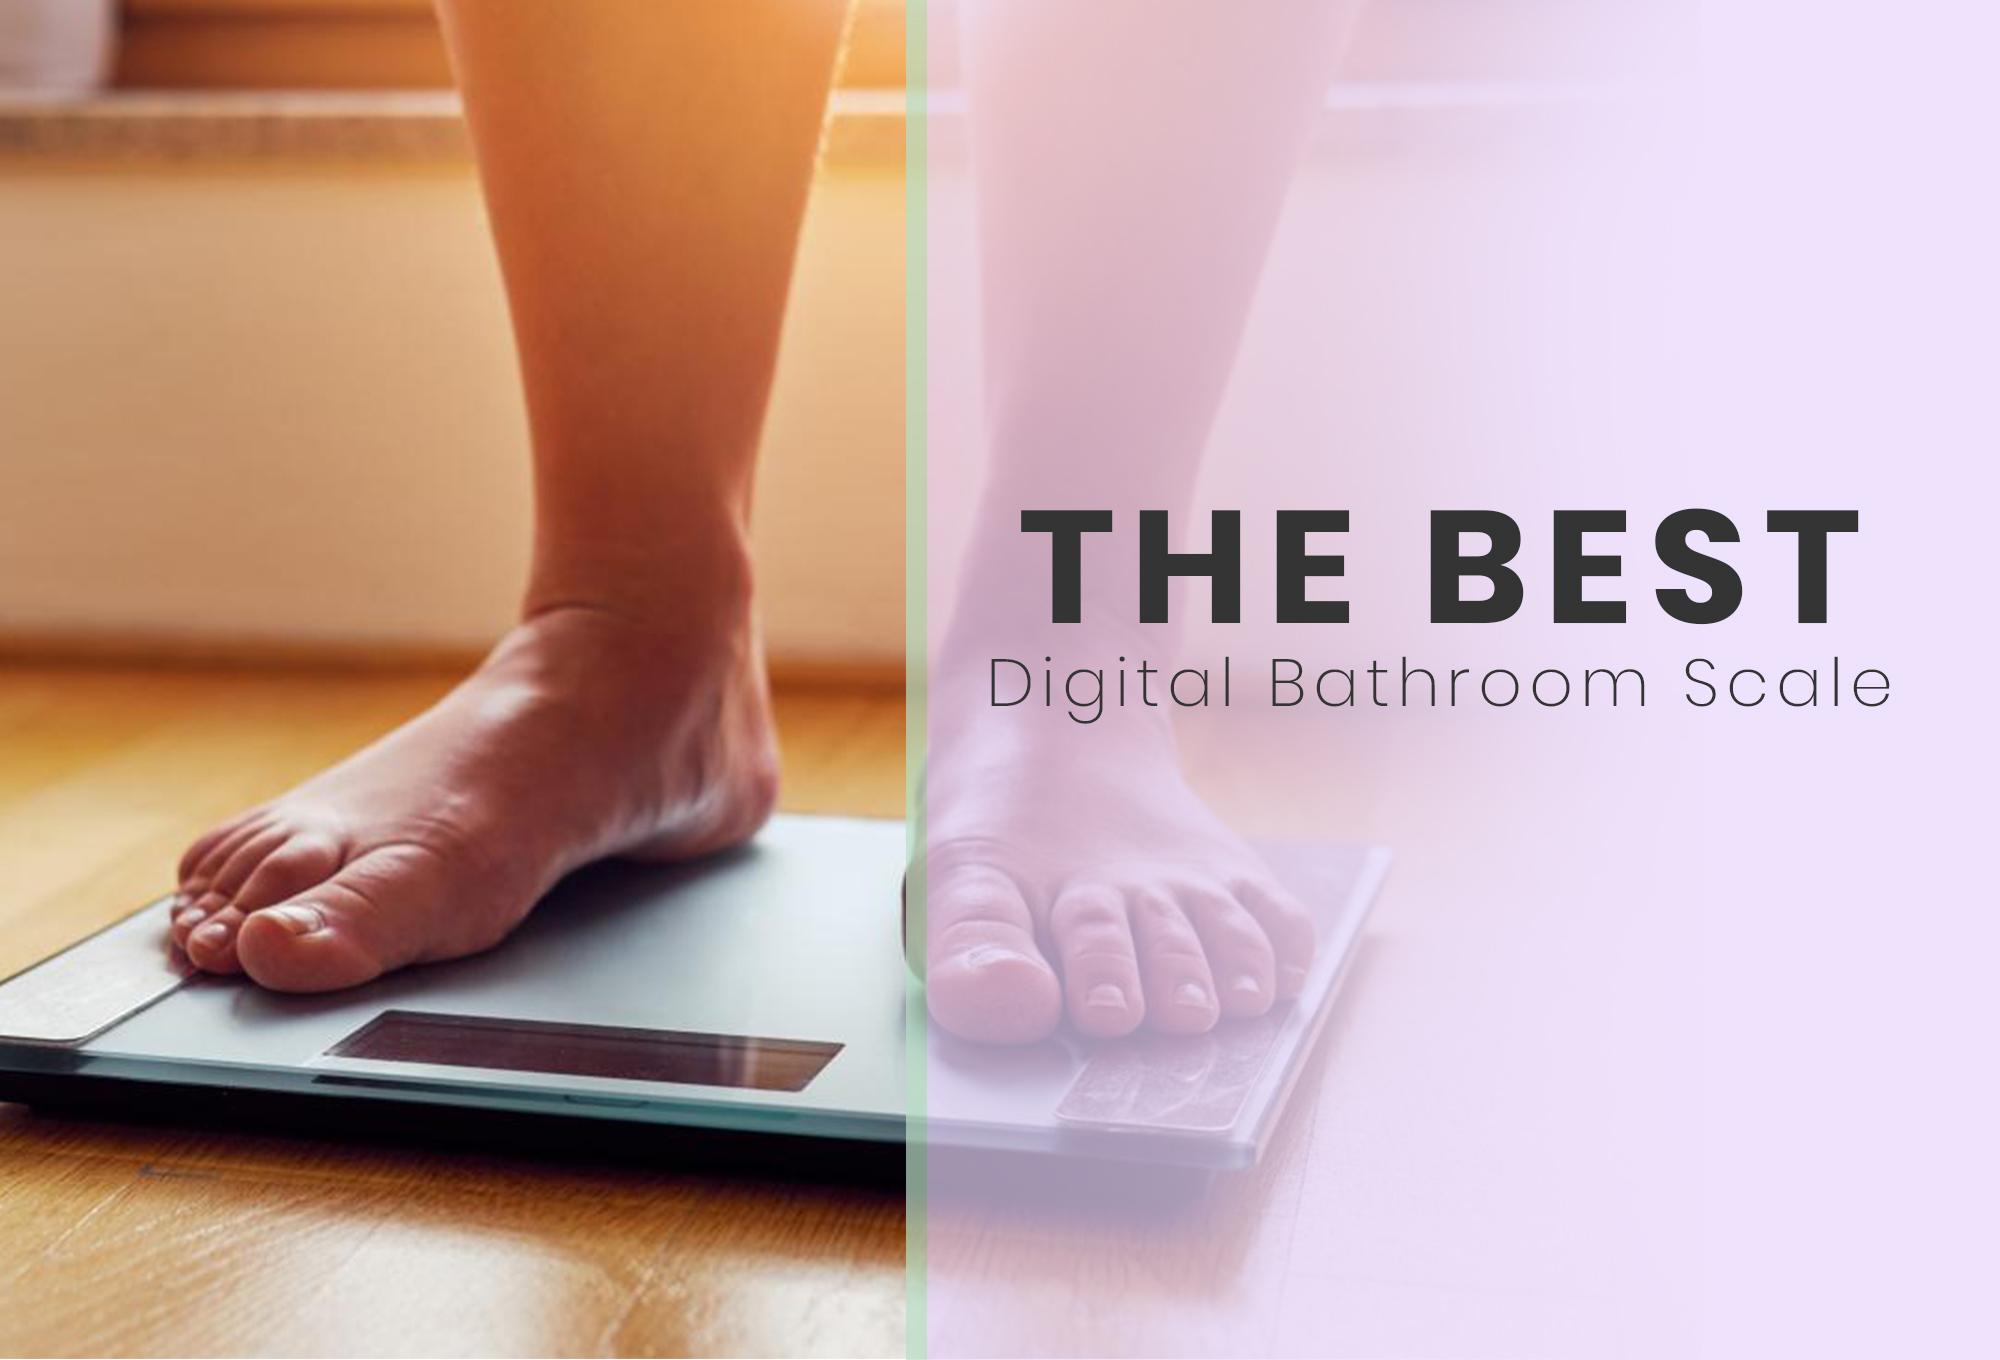 best digital bathroom scale october 2018 reviews buyers guide - Bathroom Scale Reviews